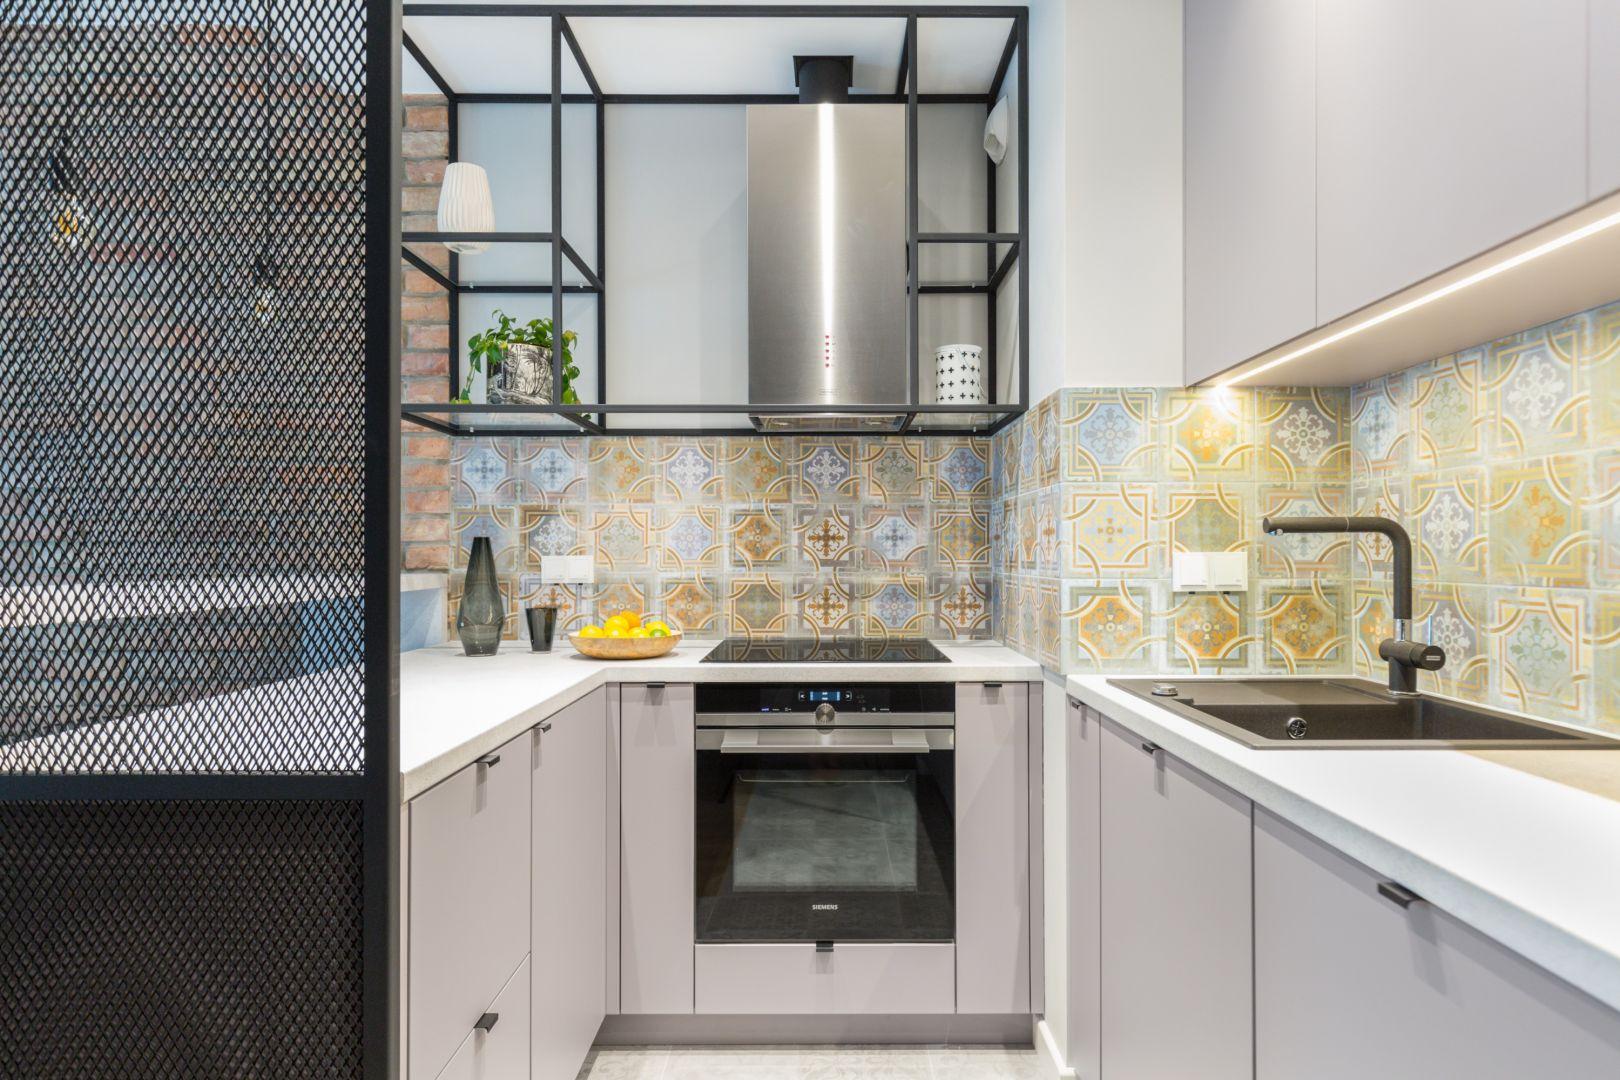 W małej kuchni uwagę przyciągają dekoracyjne kafle nad blatem. Projekt Decoroom. Fot. Pion Poziom